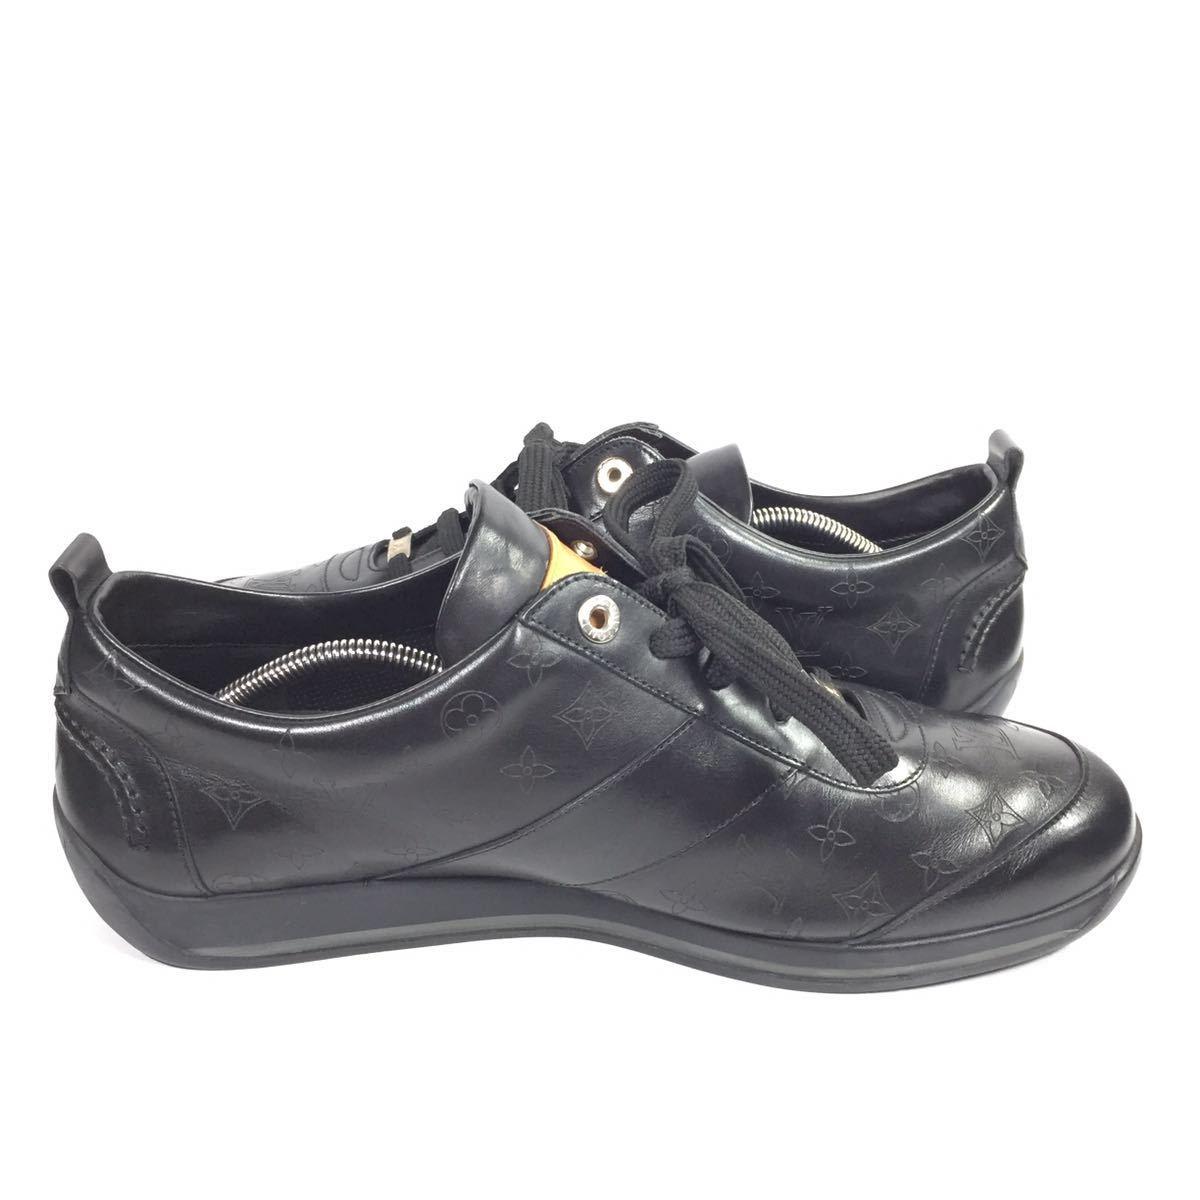 【ルイヴィトン】本物 LOUIS VUITTON 靴 28cm 黒 モノグラム スニーカー カジュアルシューズ 本革 レザー 男性用 メンズ イタリア製 9 1/2_画像7